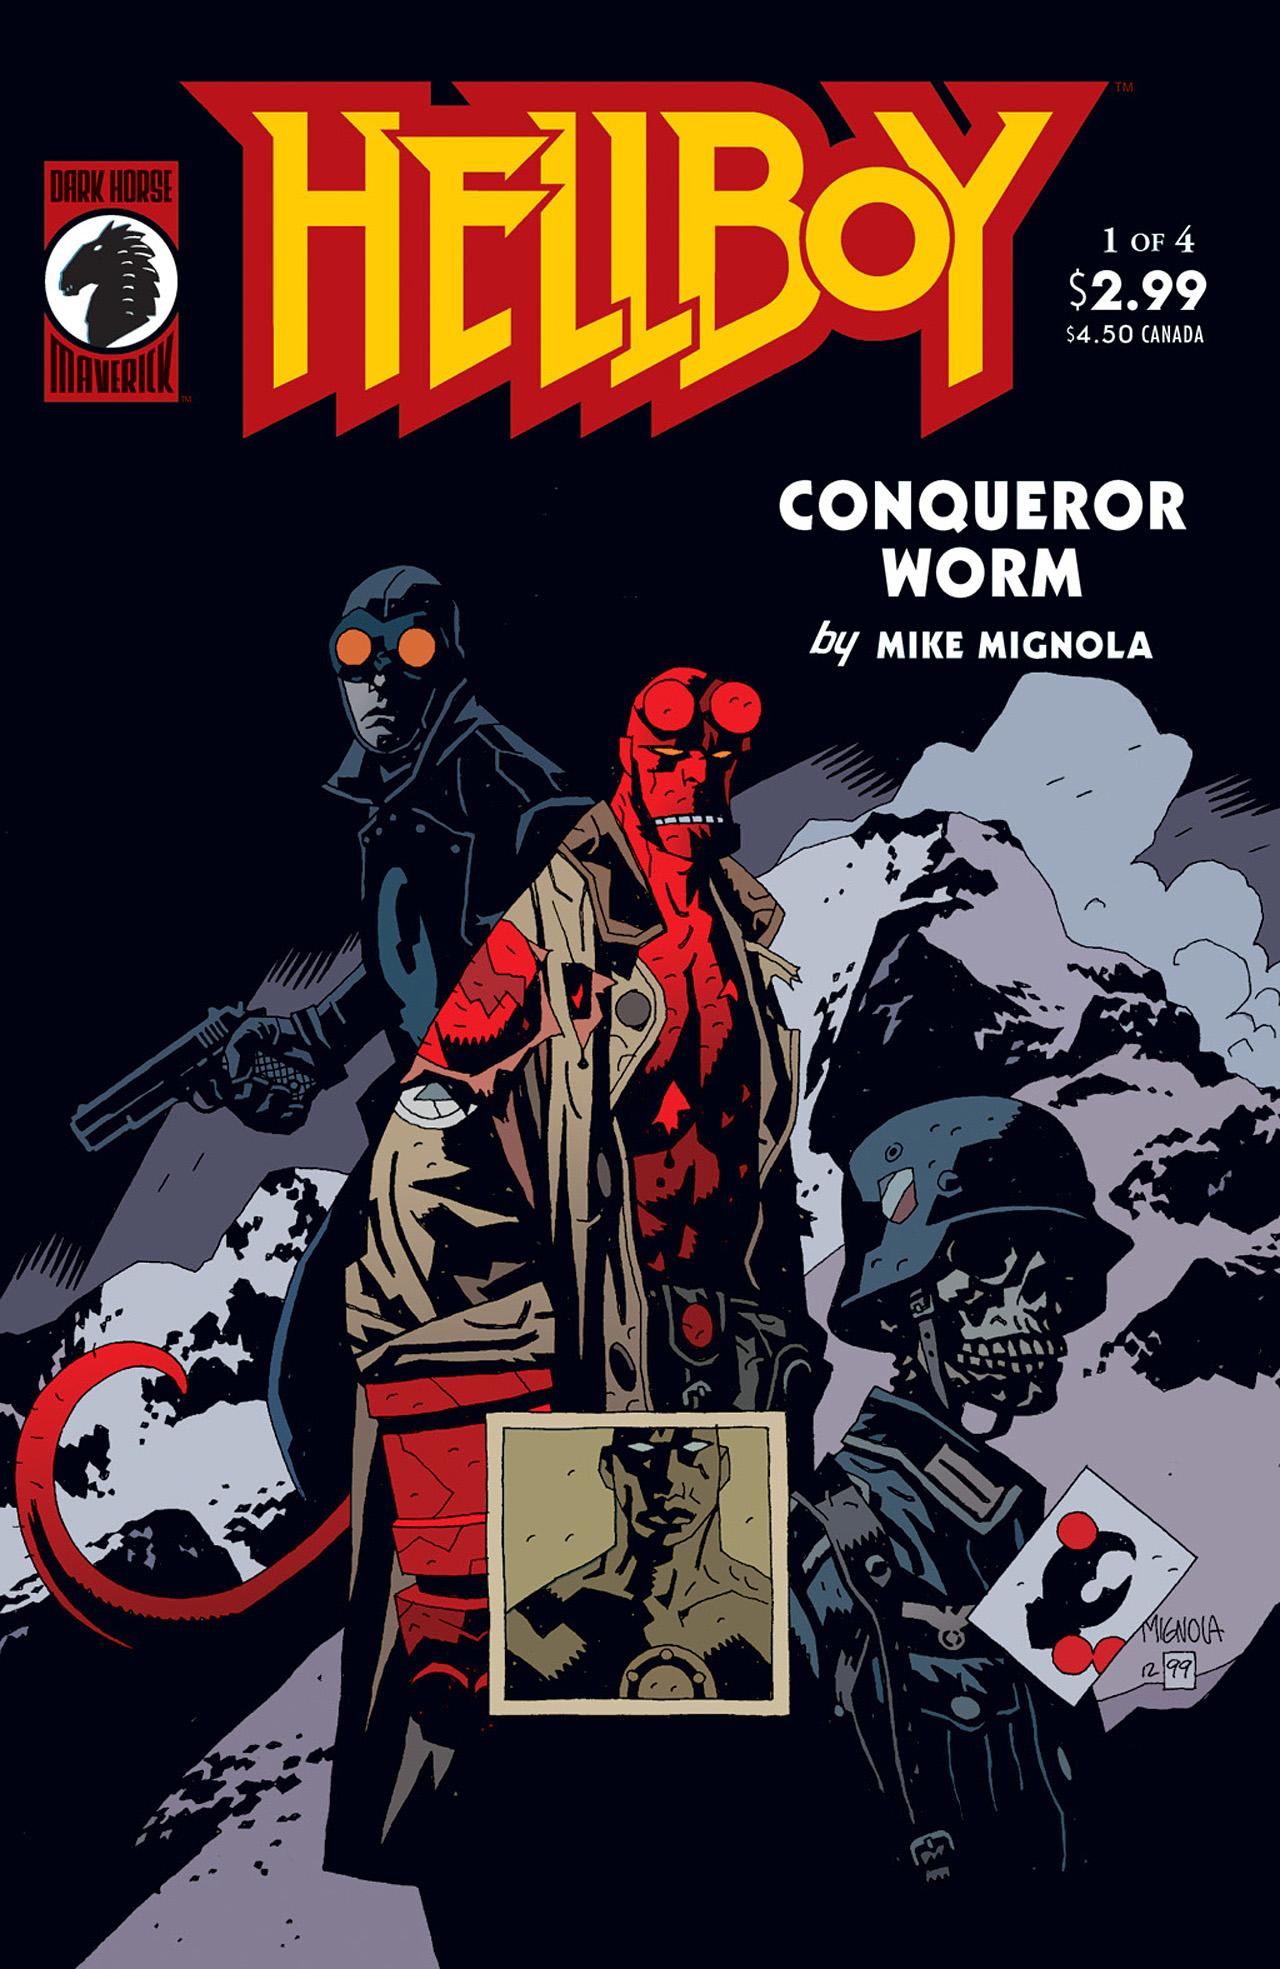 Read online Hellboy: Conqueror Worm comic -  Issue #1 - 1